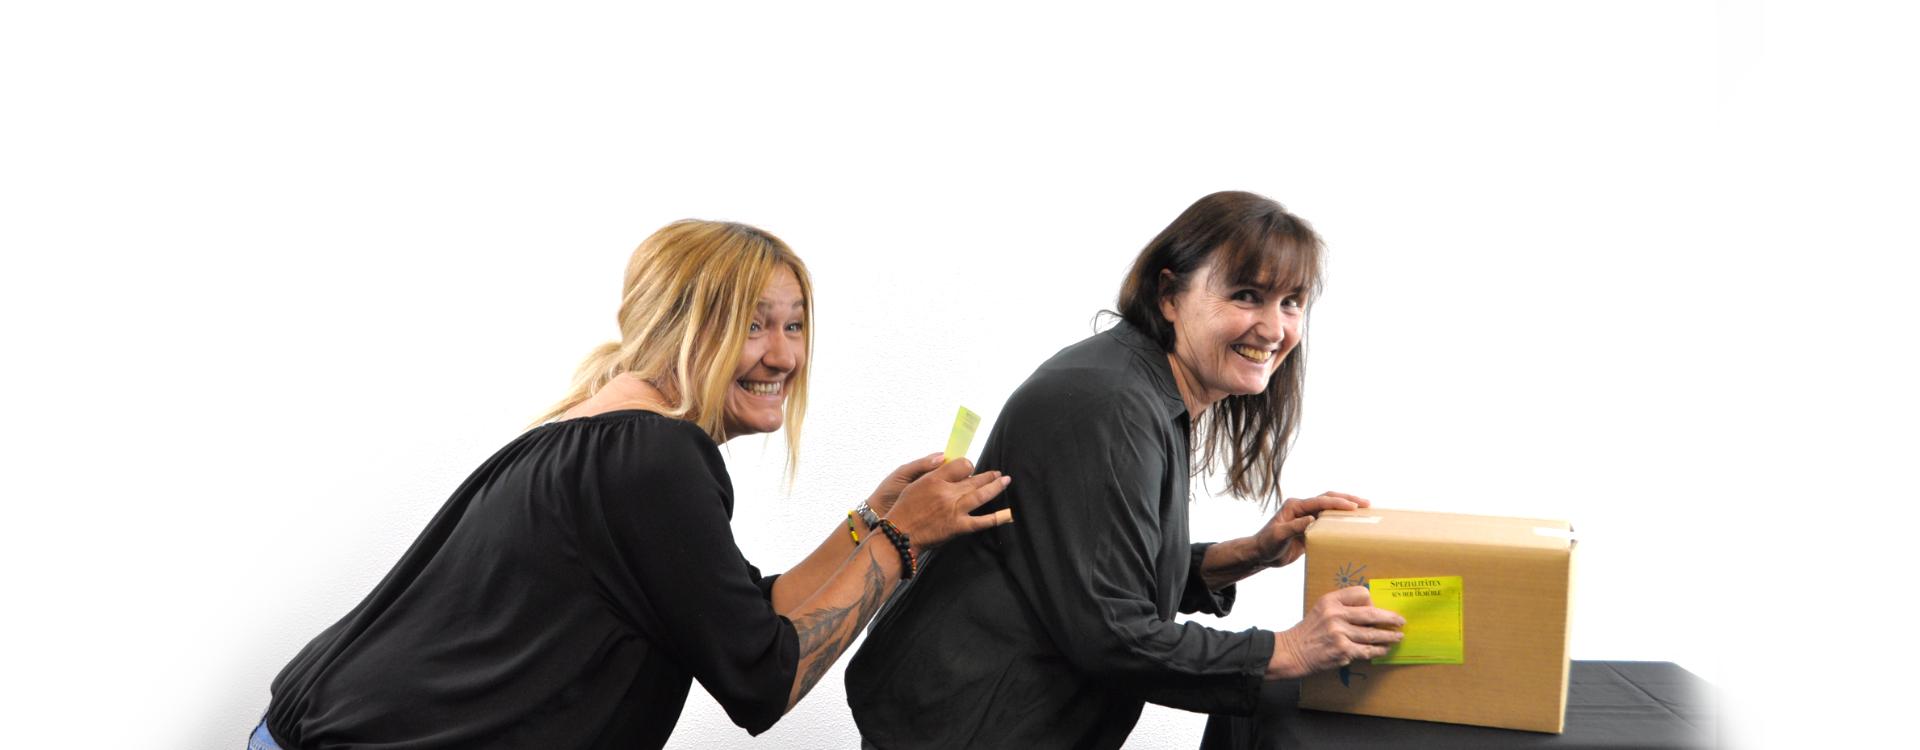 zwei Frauen kleben Selbstklebeetiketten von Tippl